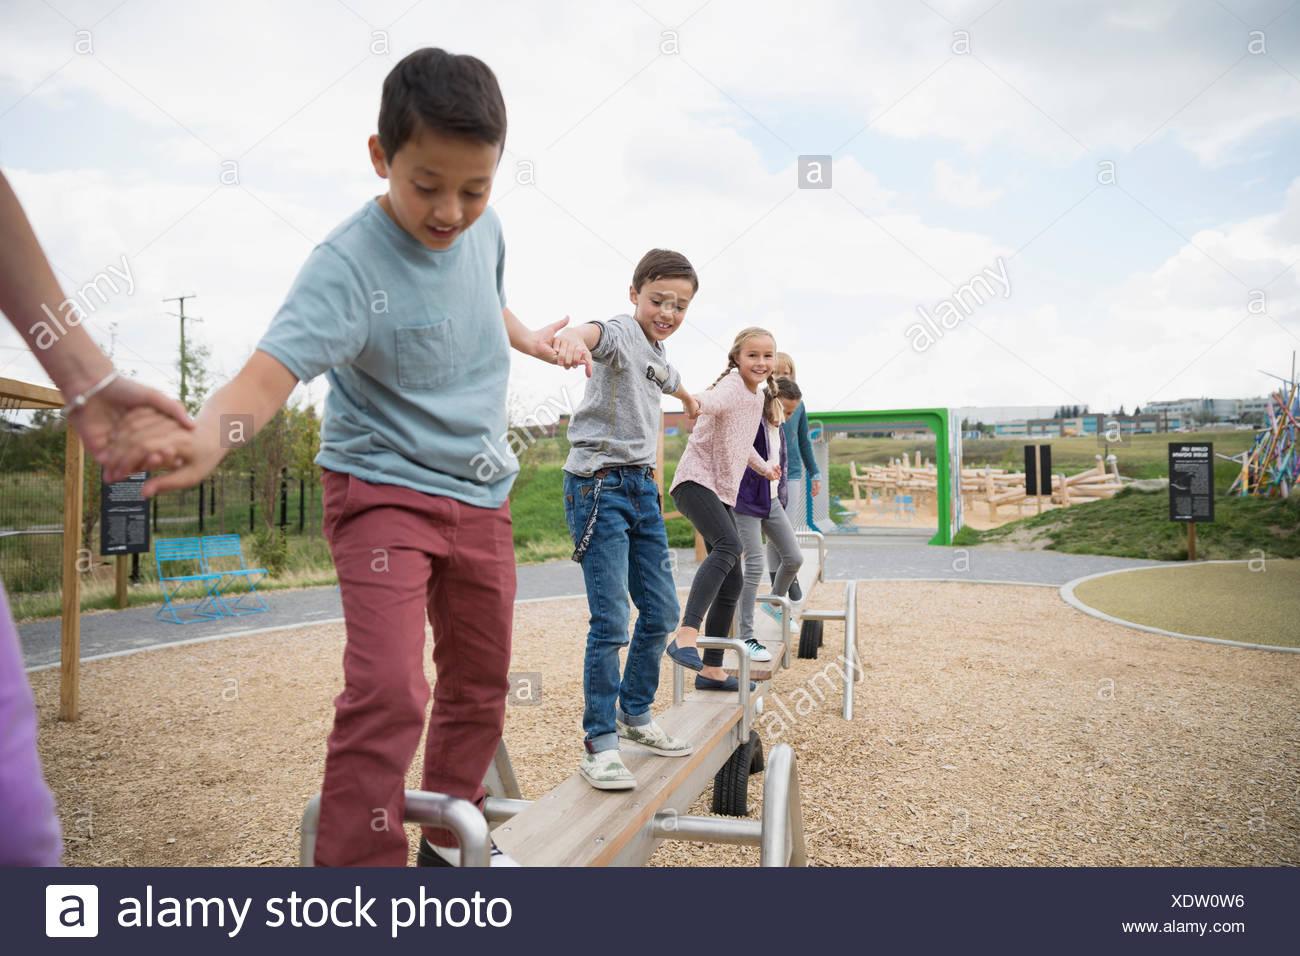 Les enfants en équilibre sur une balançoire à l'aire de jeux Photo Stock